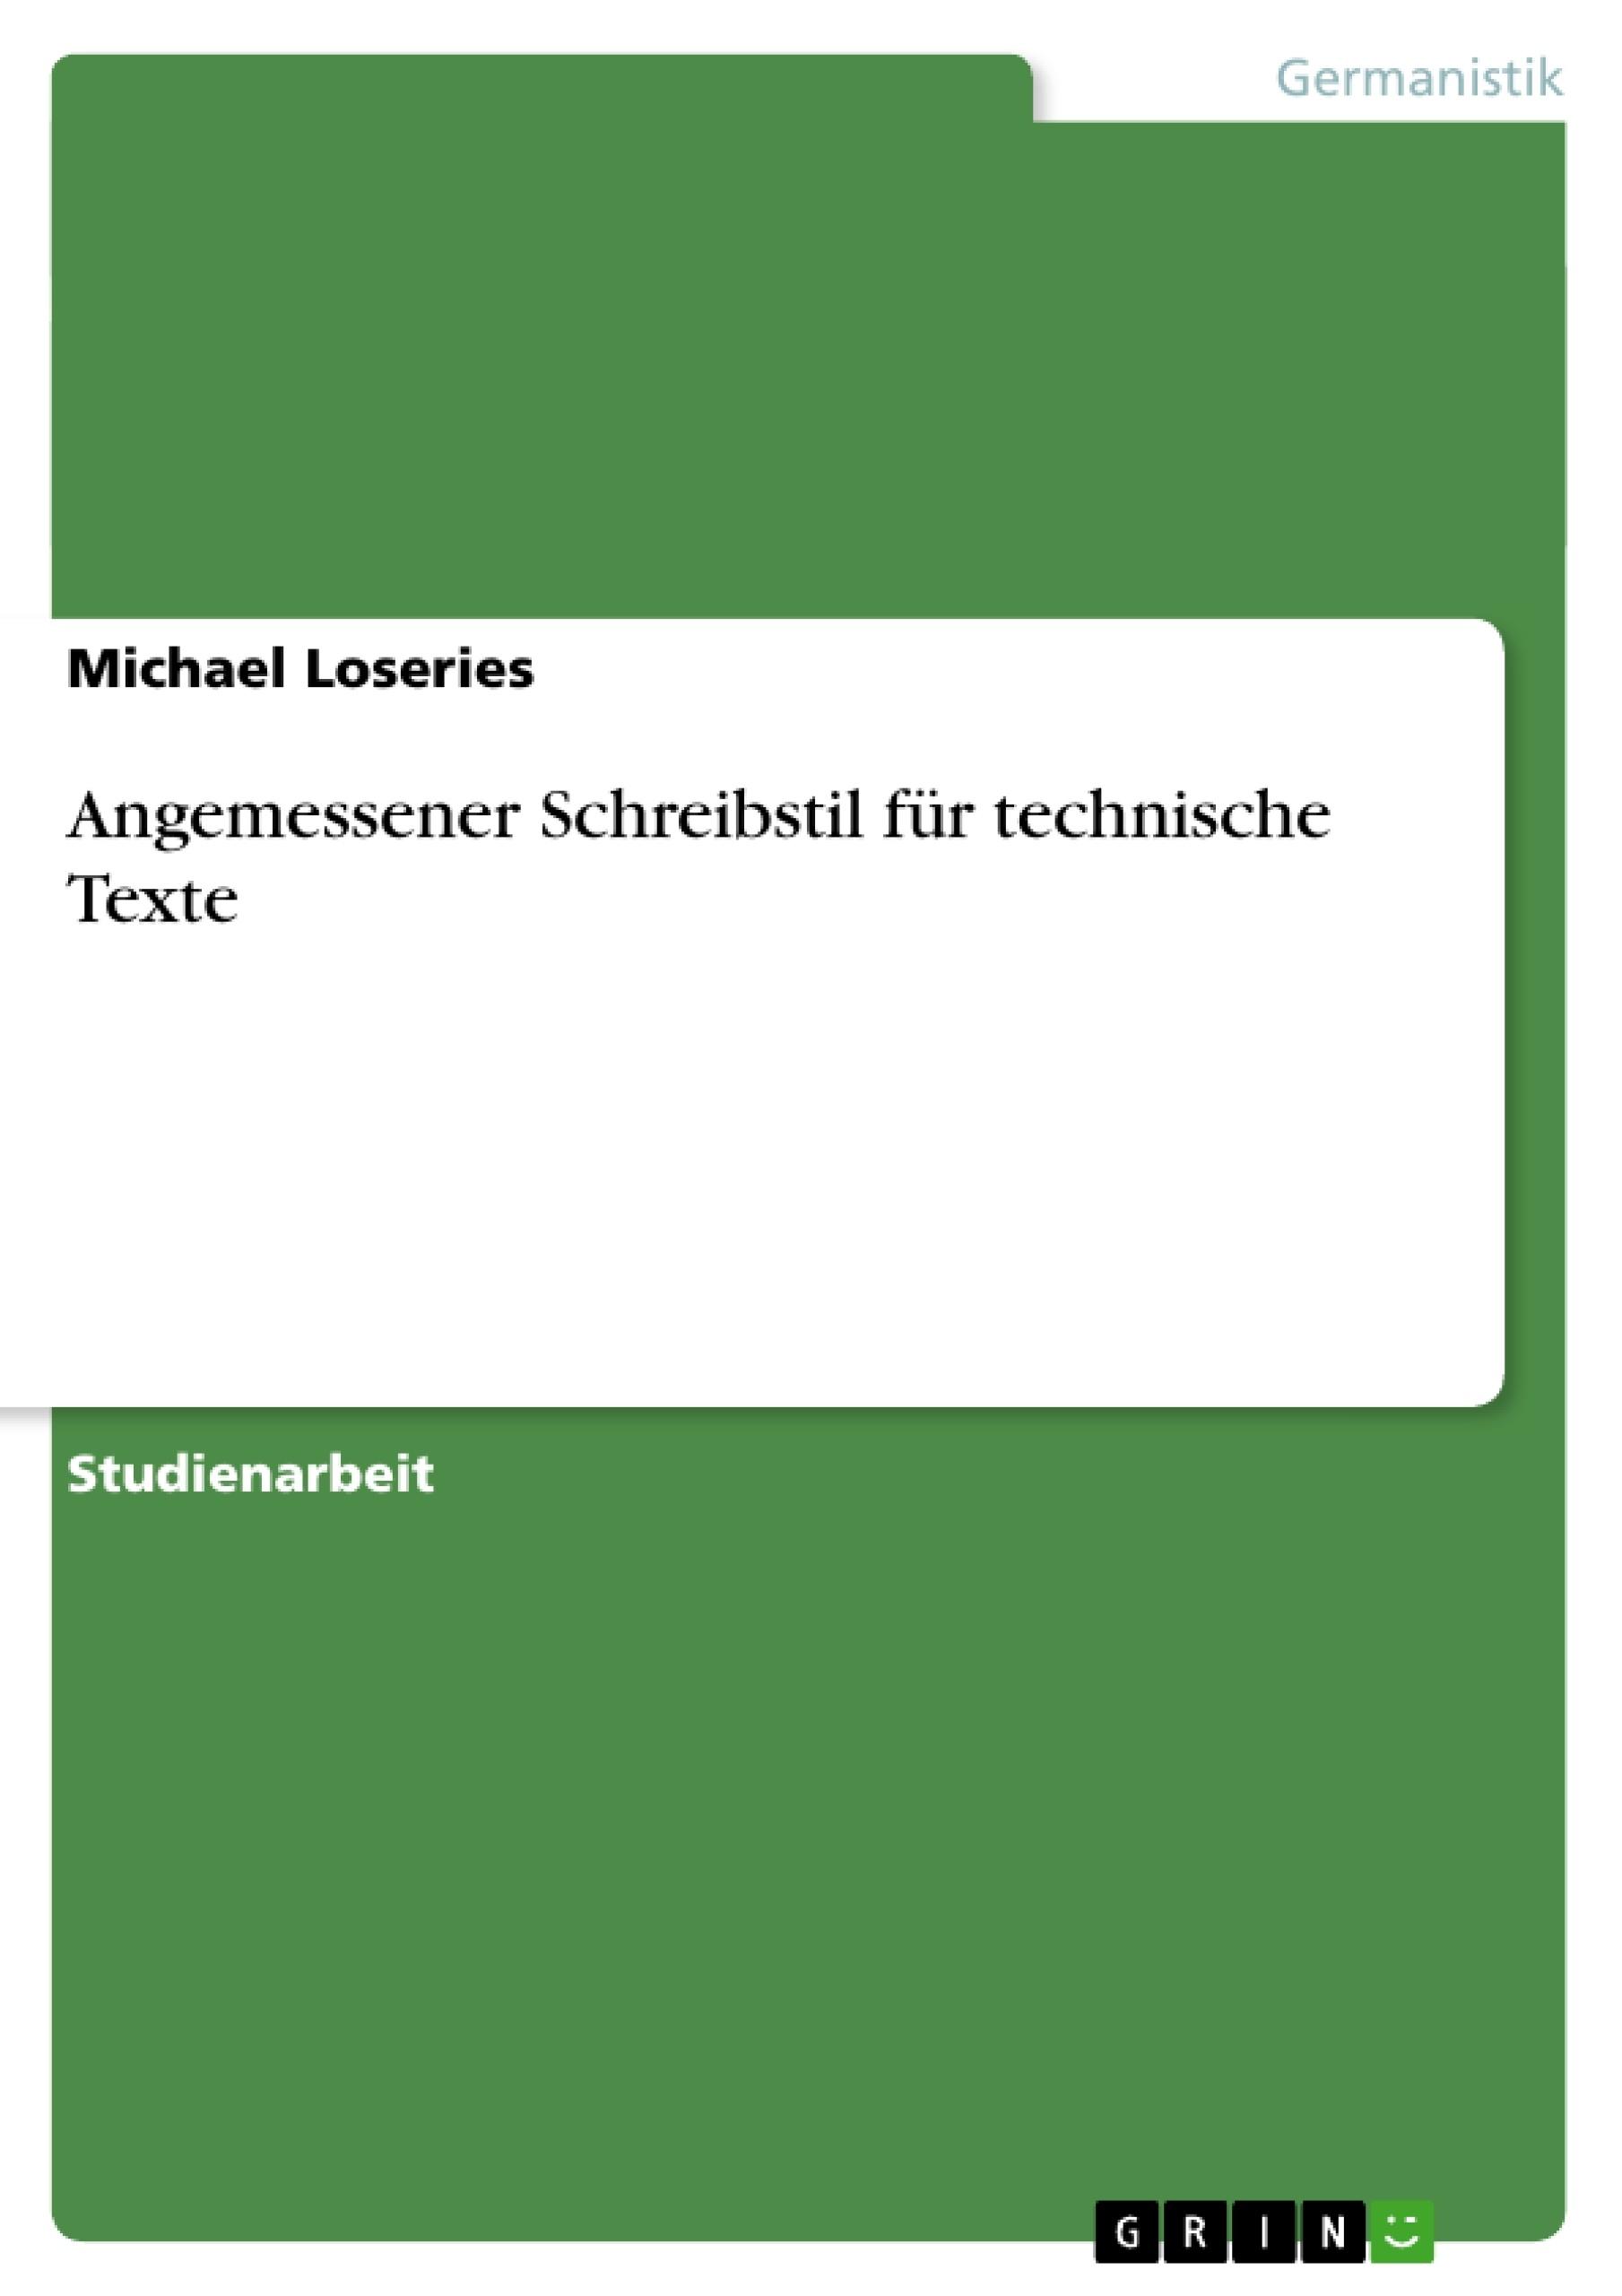 Titel: Angemessener Schreibstil für technische Texte